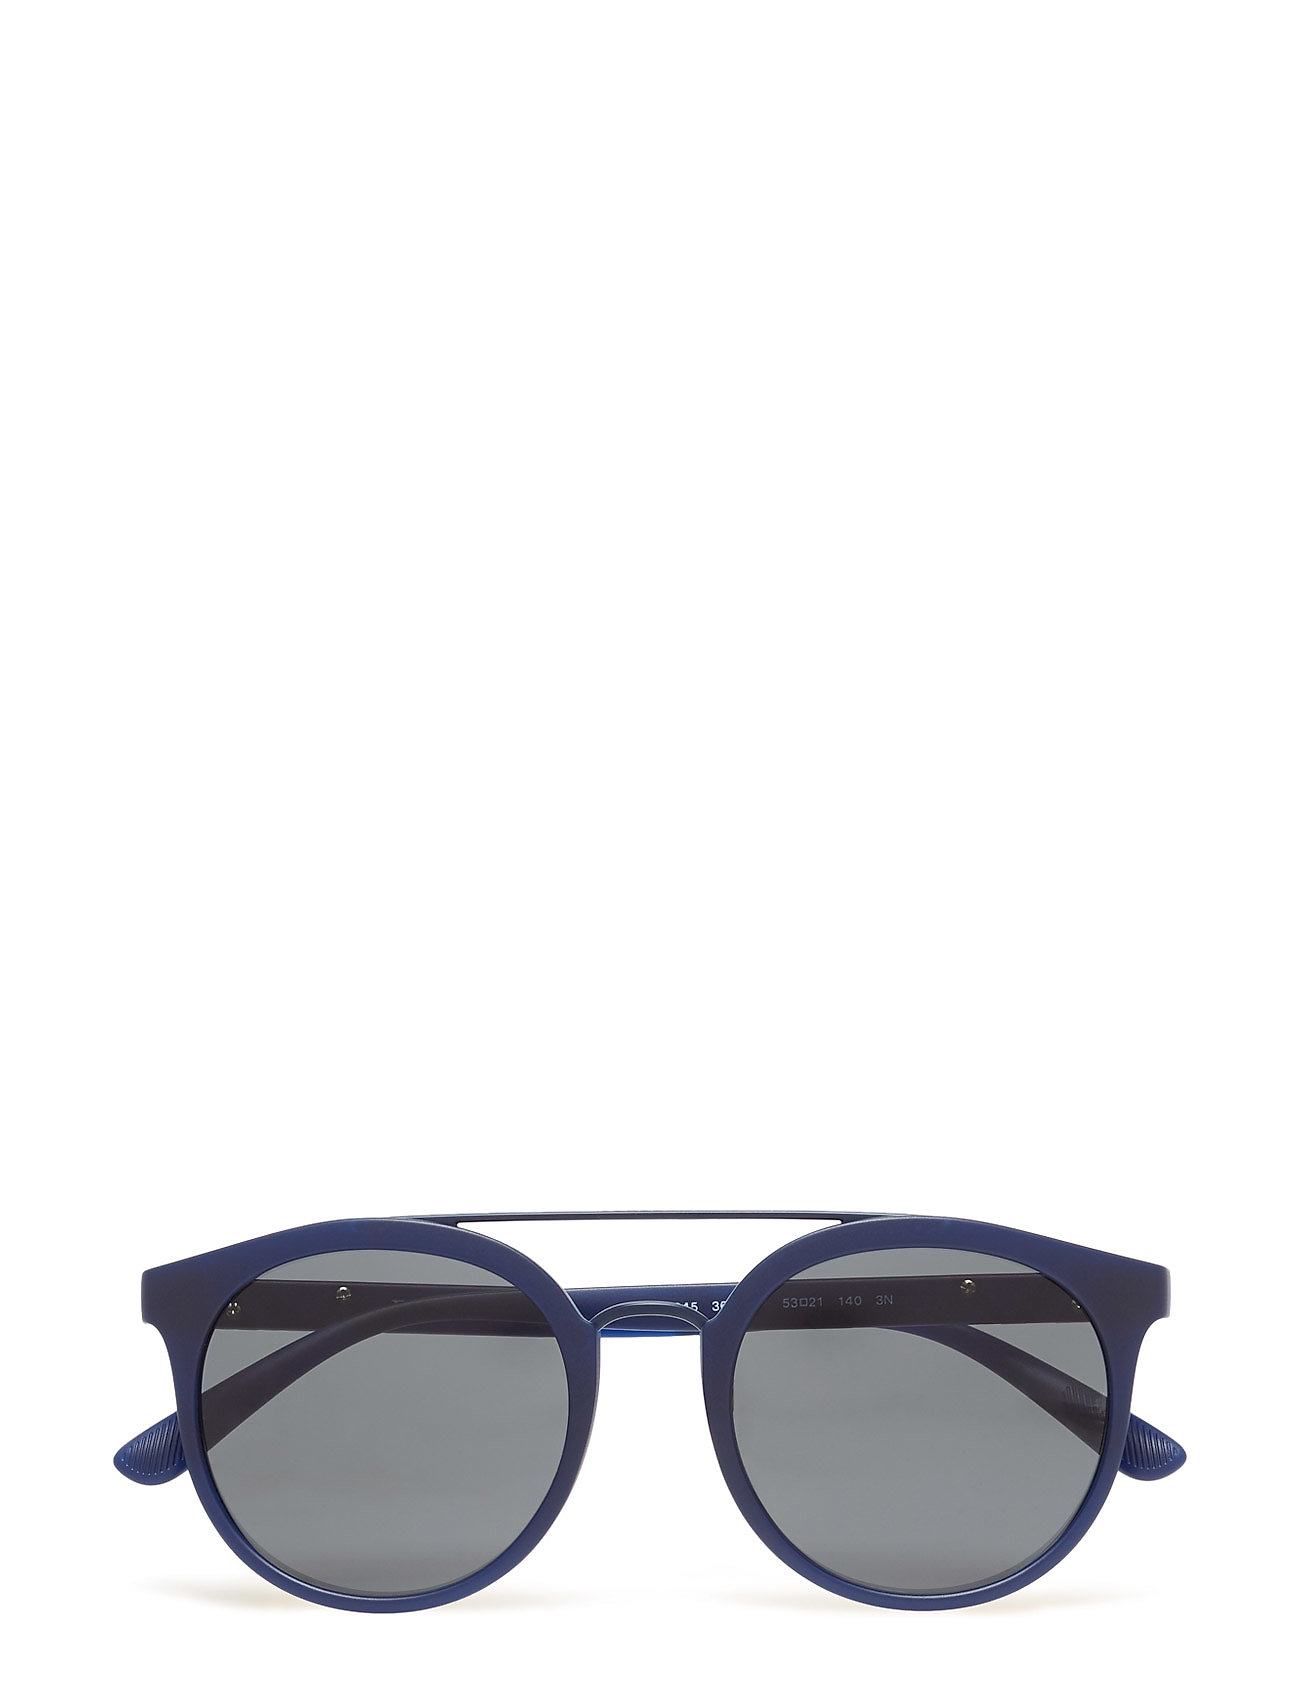 c593c1cadc4bd Burberry Sunglasses The Regent Collection (Matte Blue)